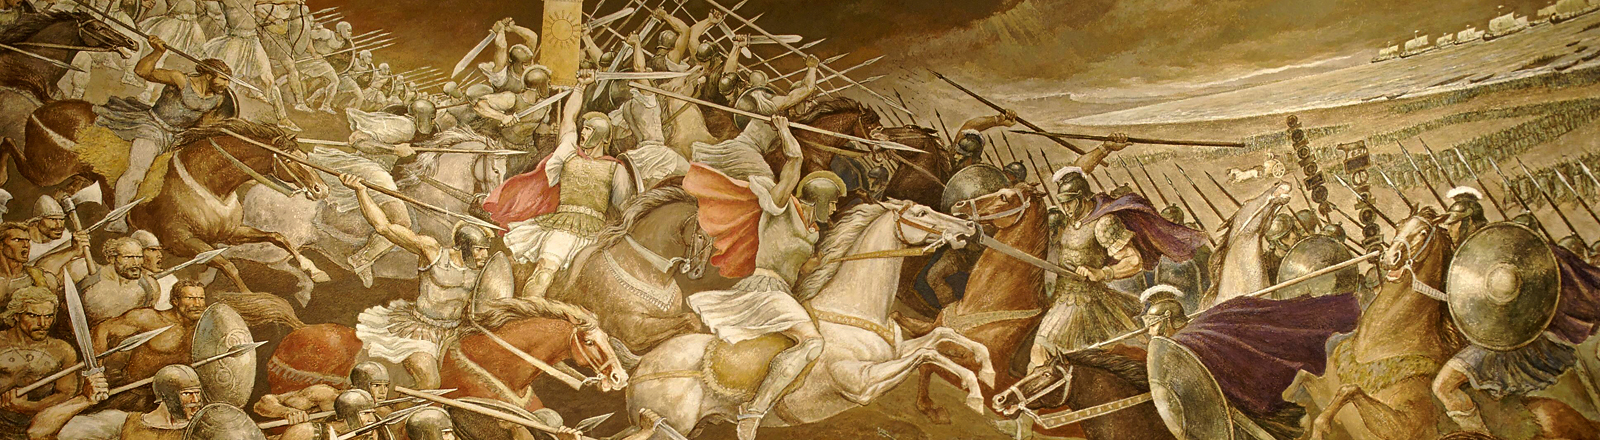 Fresko einer Römerschlacht